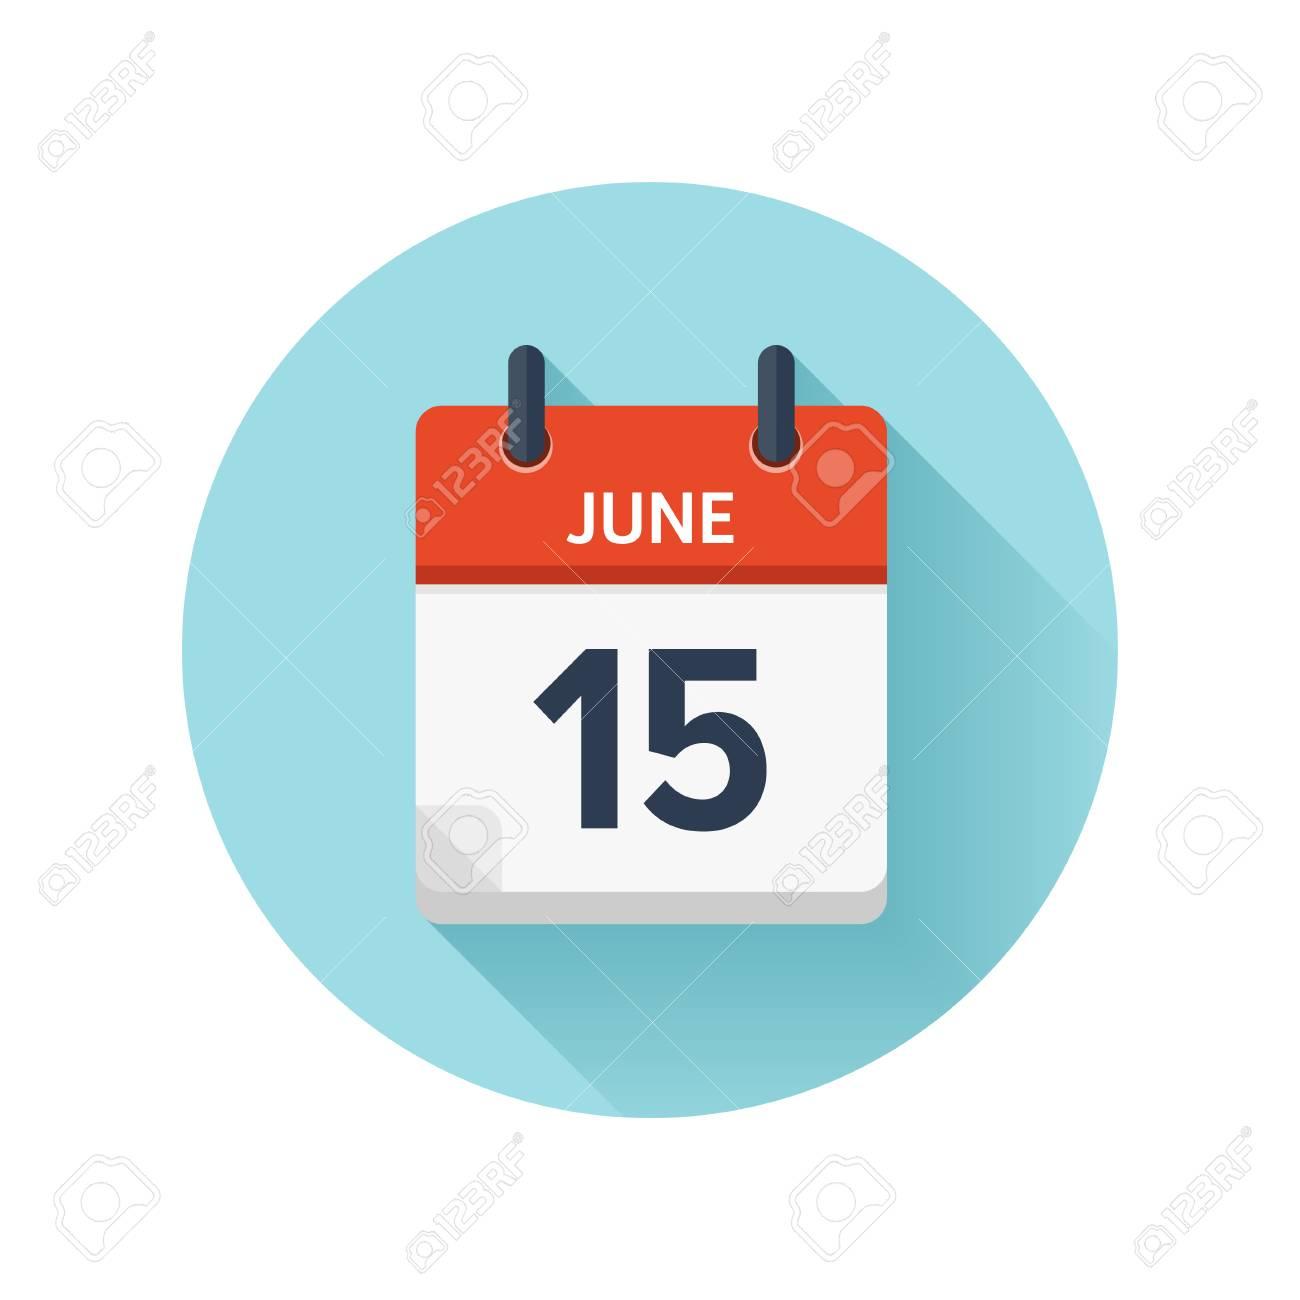 Calendario Vectores.15 De Junio Icono De Calendario Plano Diario De Vector Fecha Y Hora Dia Mes 2018 Vacaciones Temporada